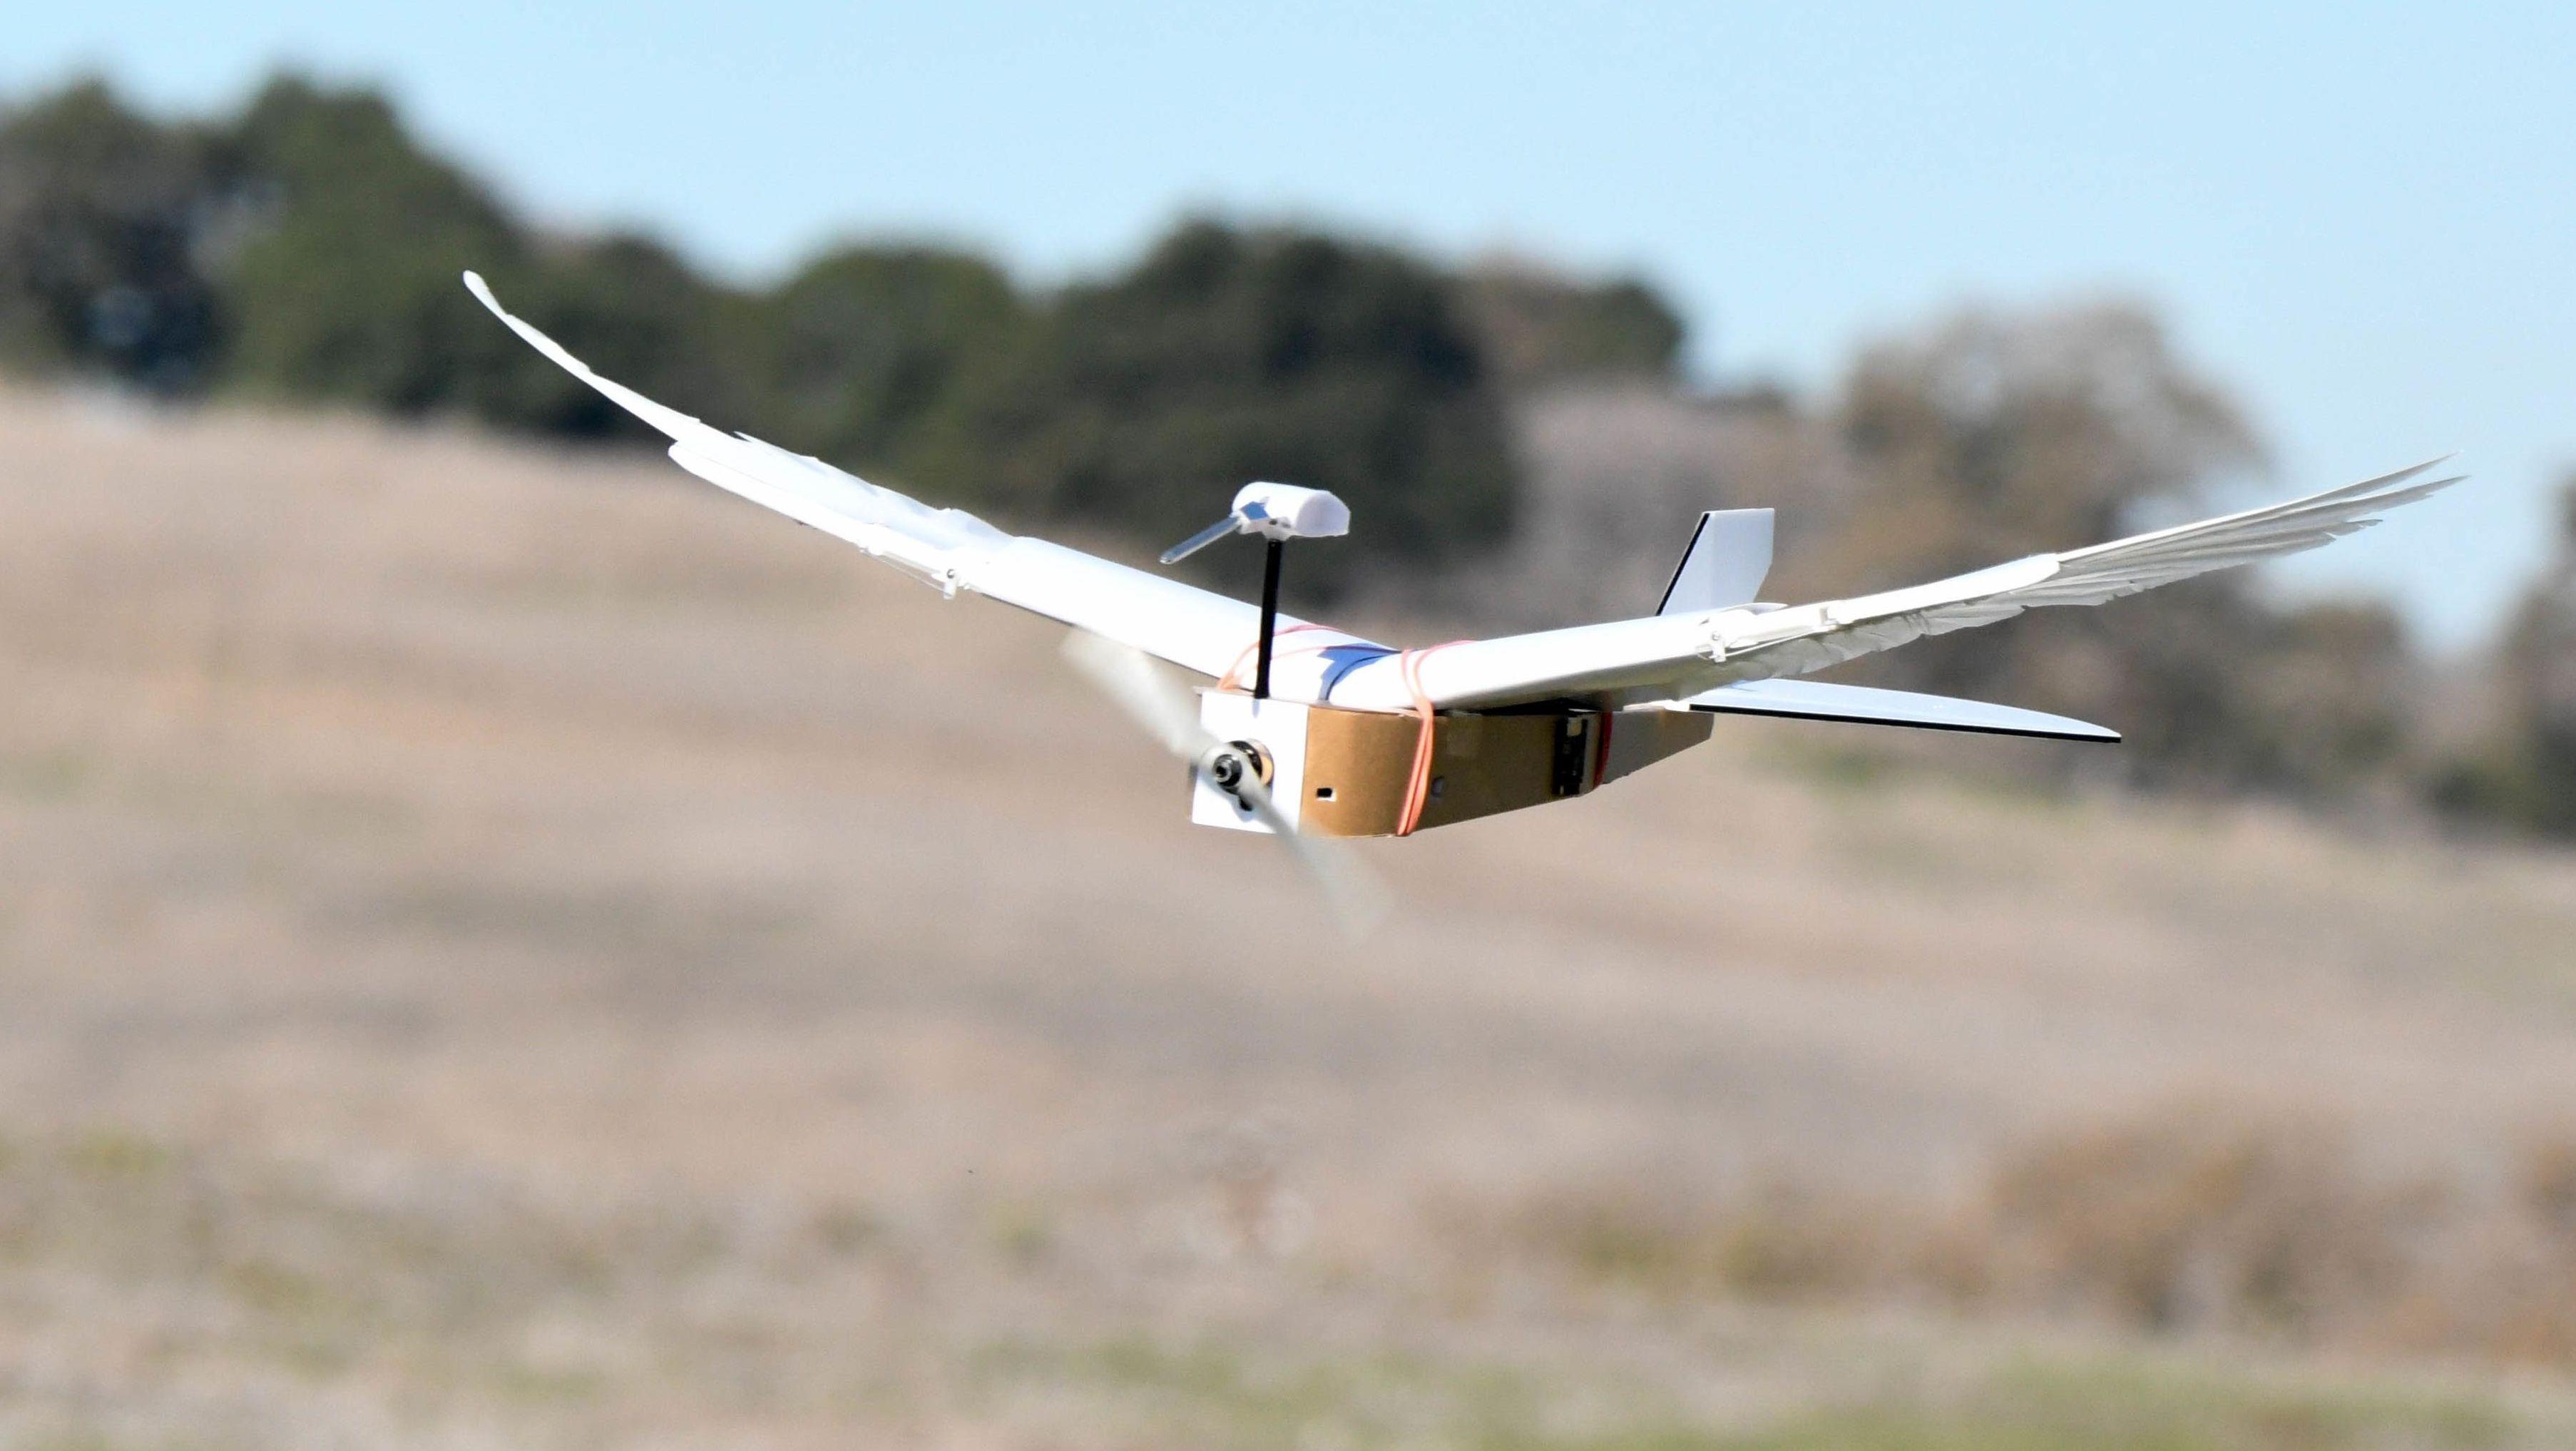 Der Flugroboter PigeonBot hat einen Rumpf aus Hartschaumbrettern mit Elektronik und an jeder Seite 20 echte Taubenfedern.